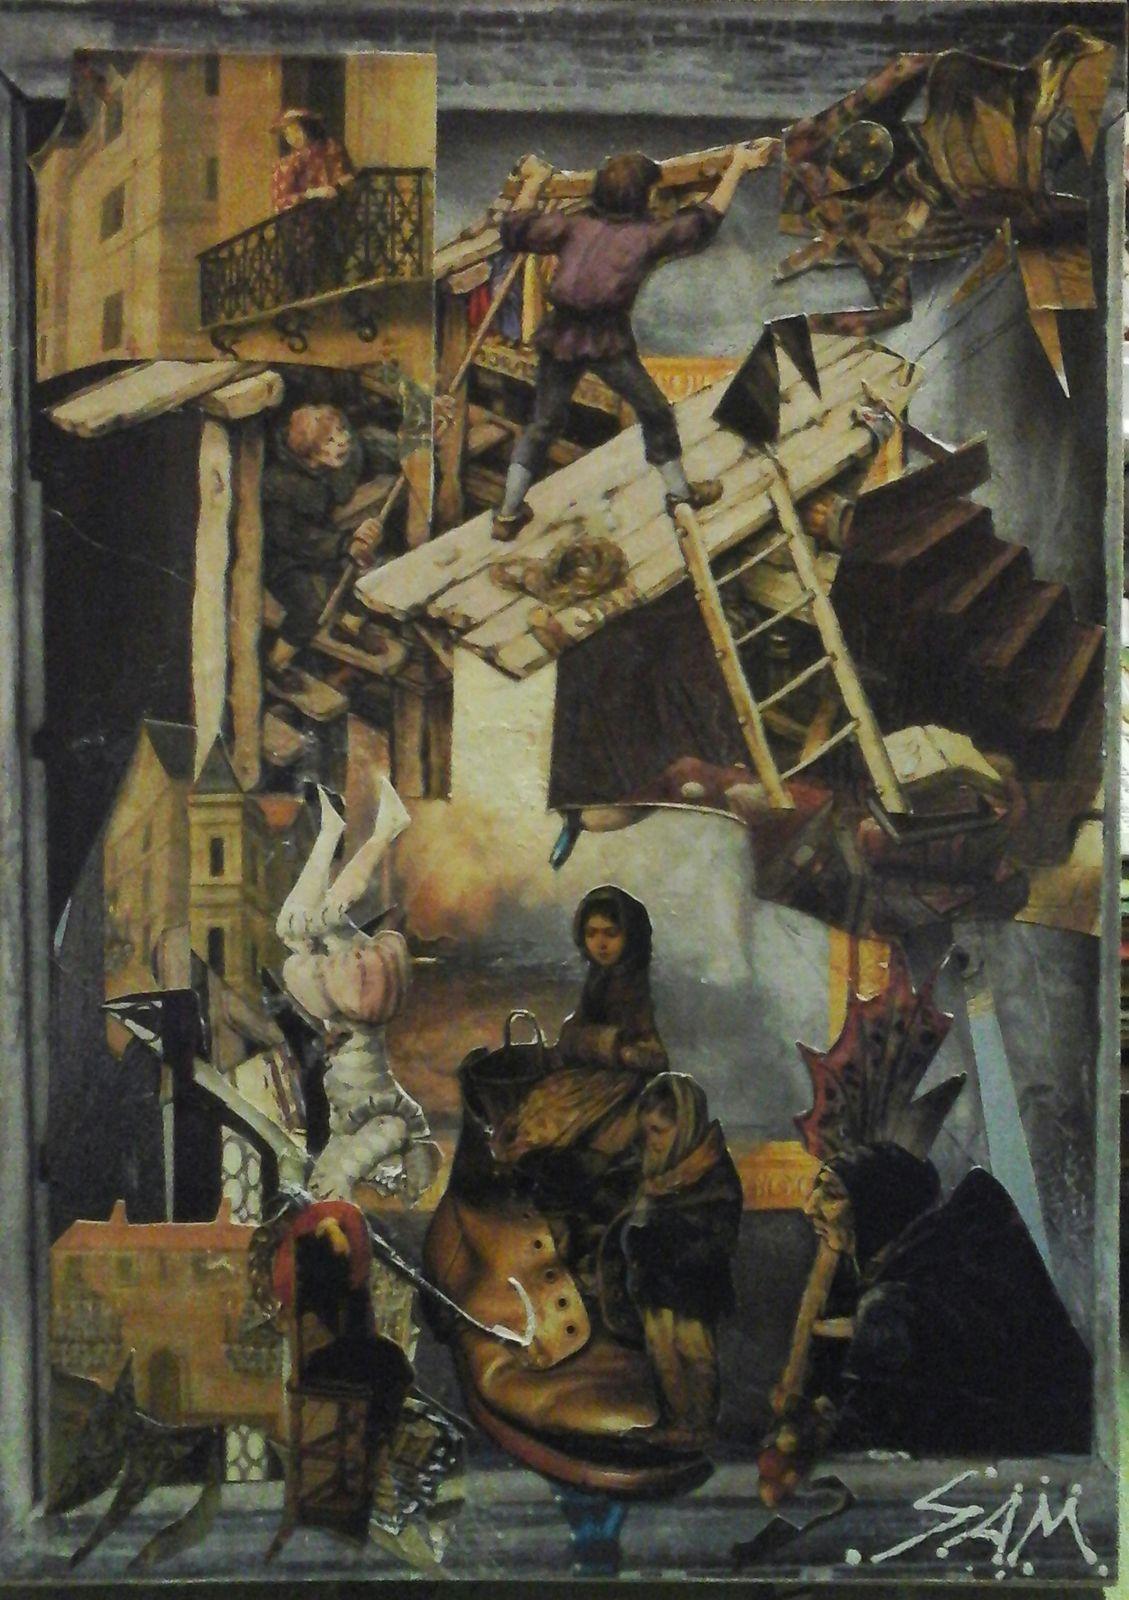 """""""  DANS LE DOMAINE DE L' ÉTRANGE  """"  Composition collage montage sur papier, collé sur un support en bois.  haut  25,5 cm largeur  18 cm. Peinture acrylique pastel huile et crayon."""